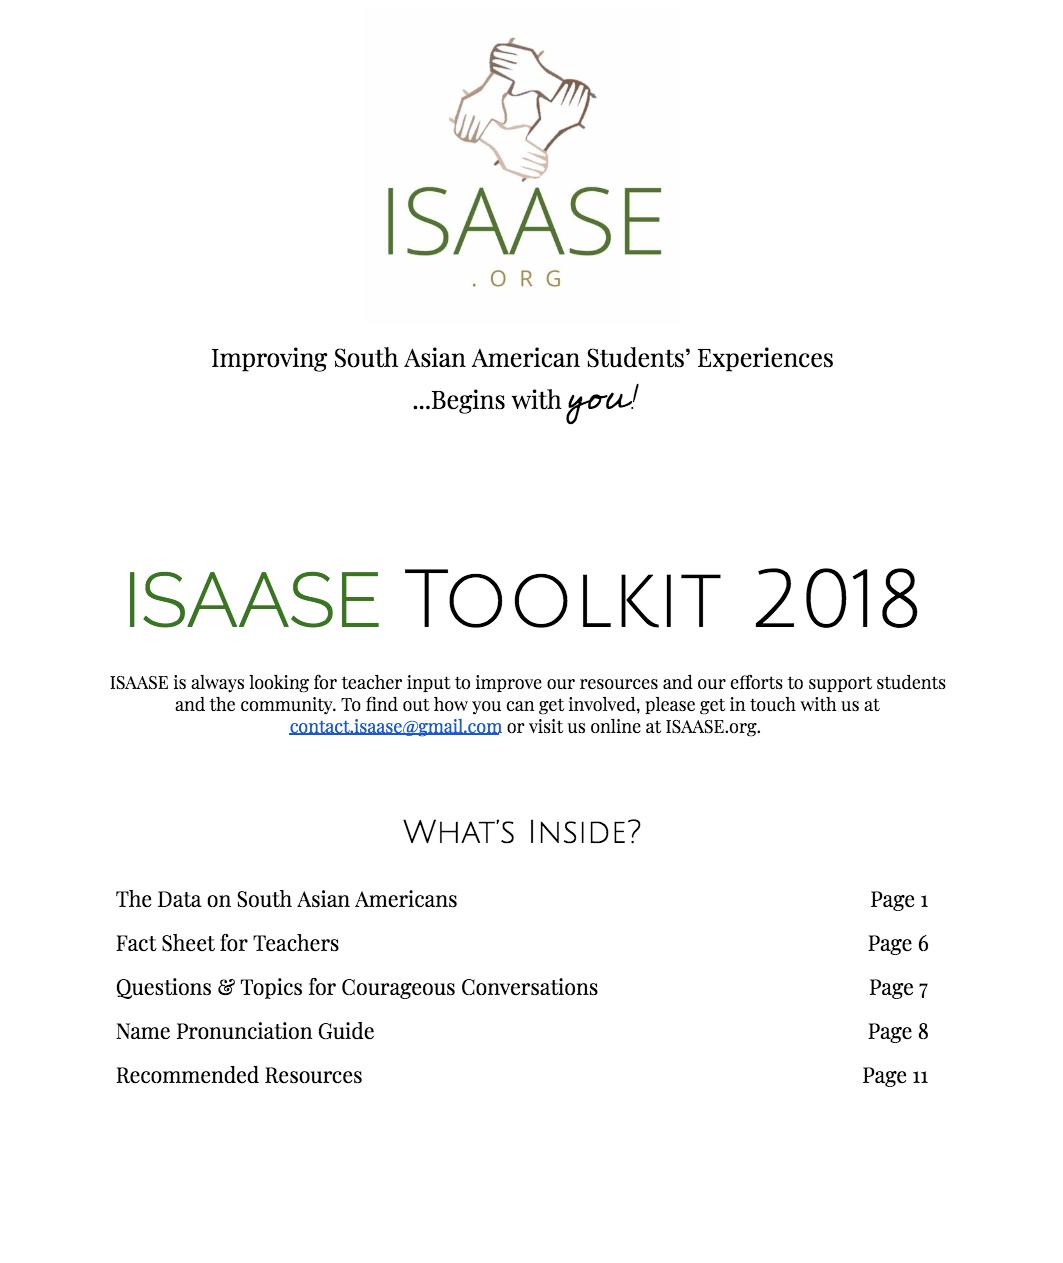 ISAASE Toolkit